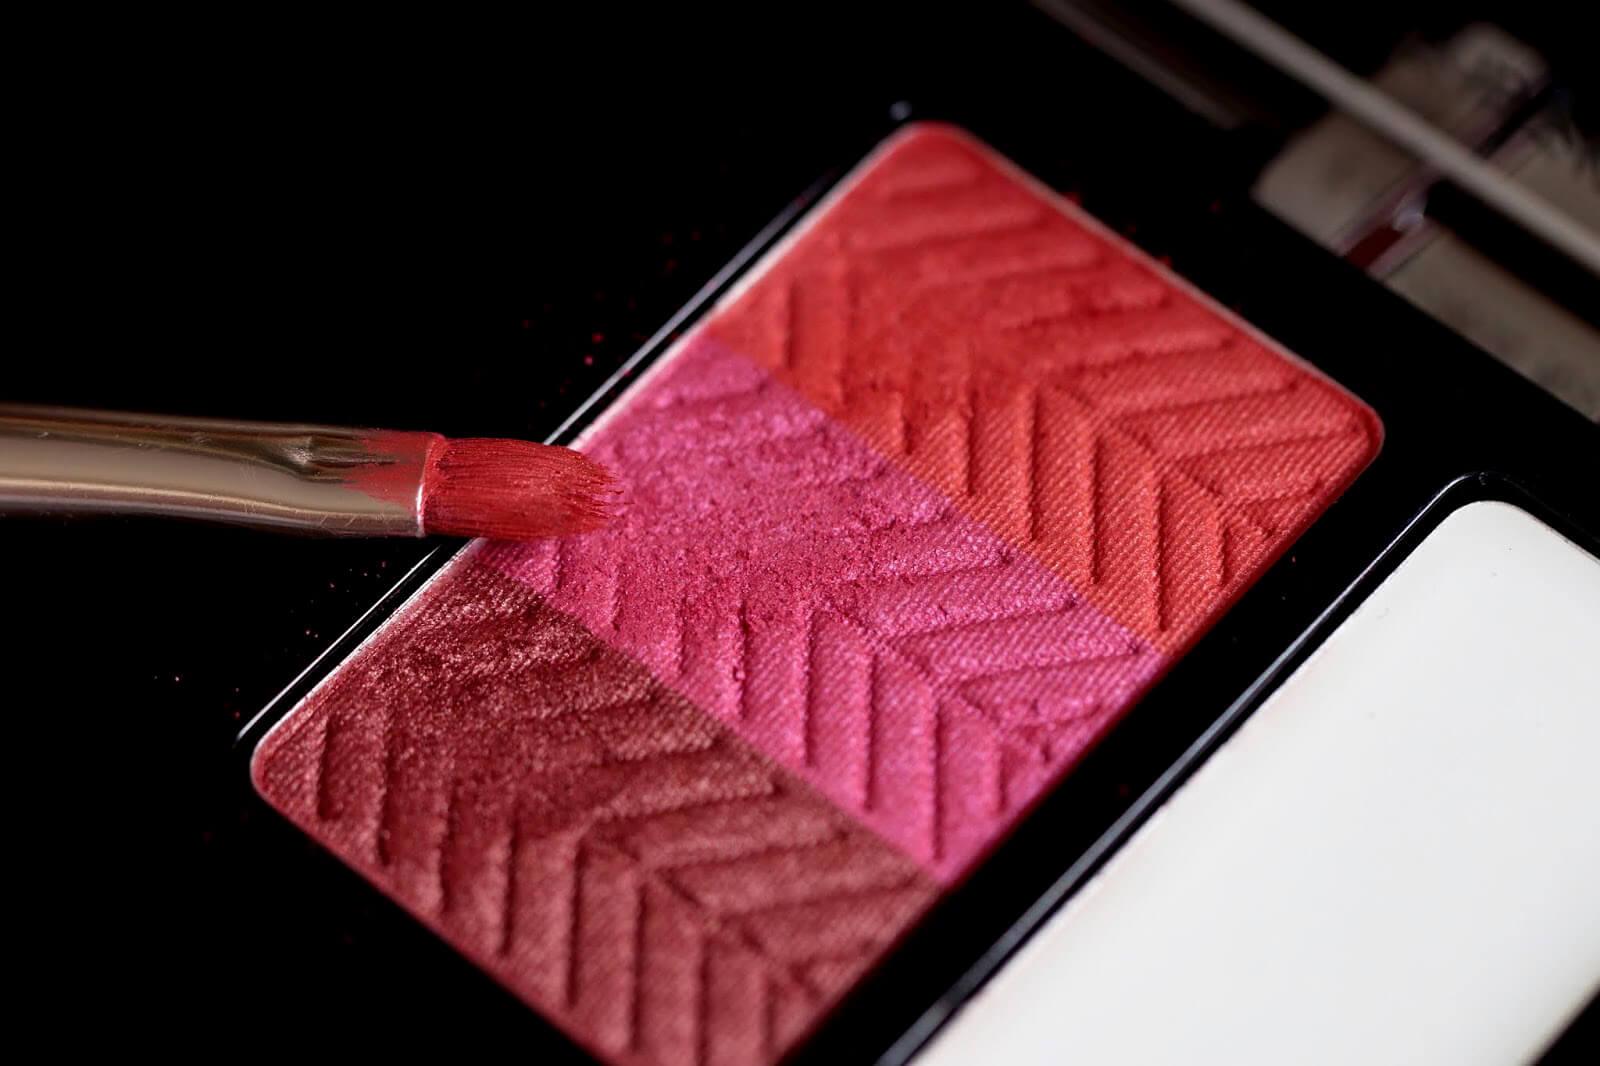 laura-mercier-velour-lip-powder-lip-palette-rouges-a-levres-avis-test-swatch-swatches